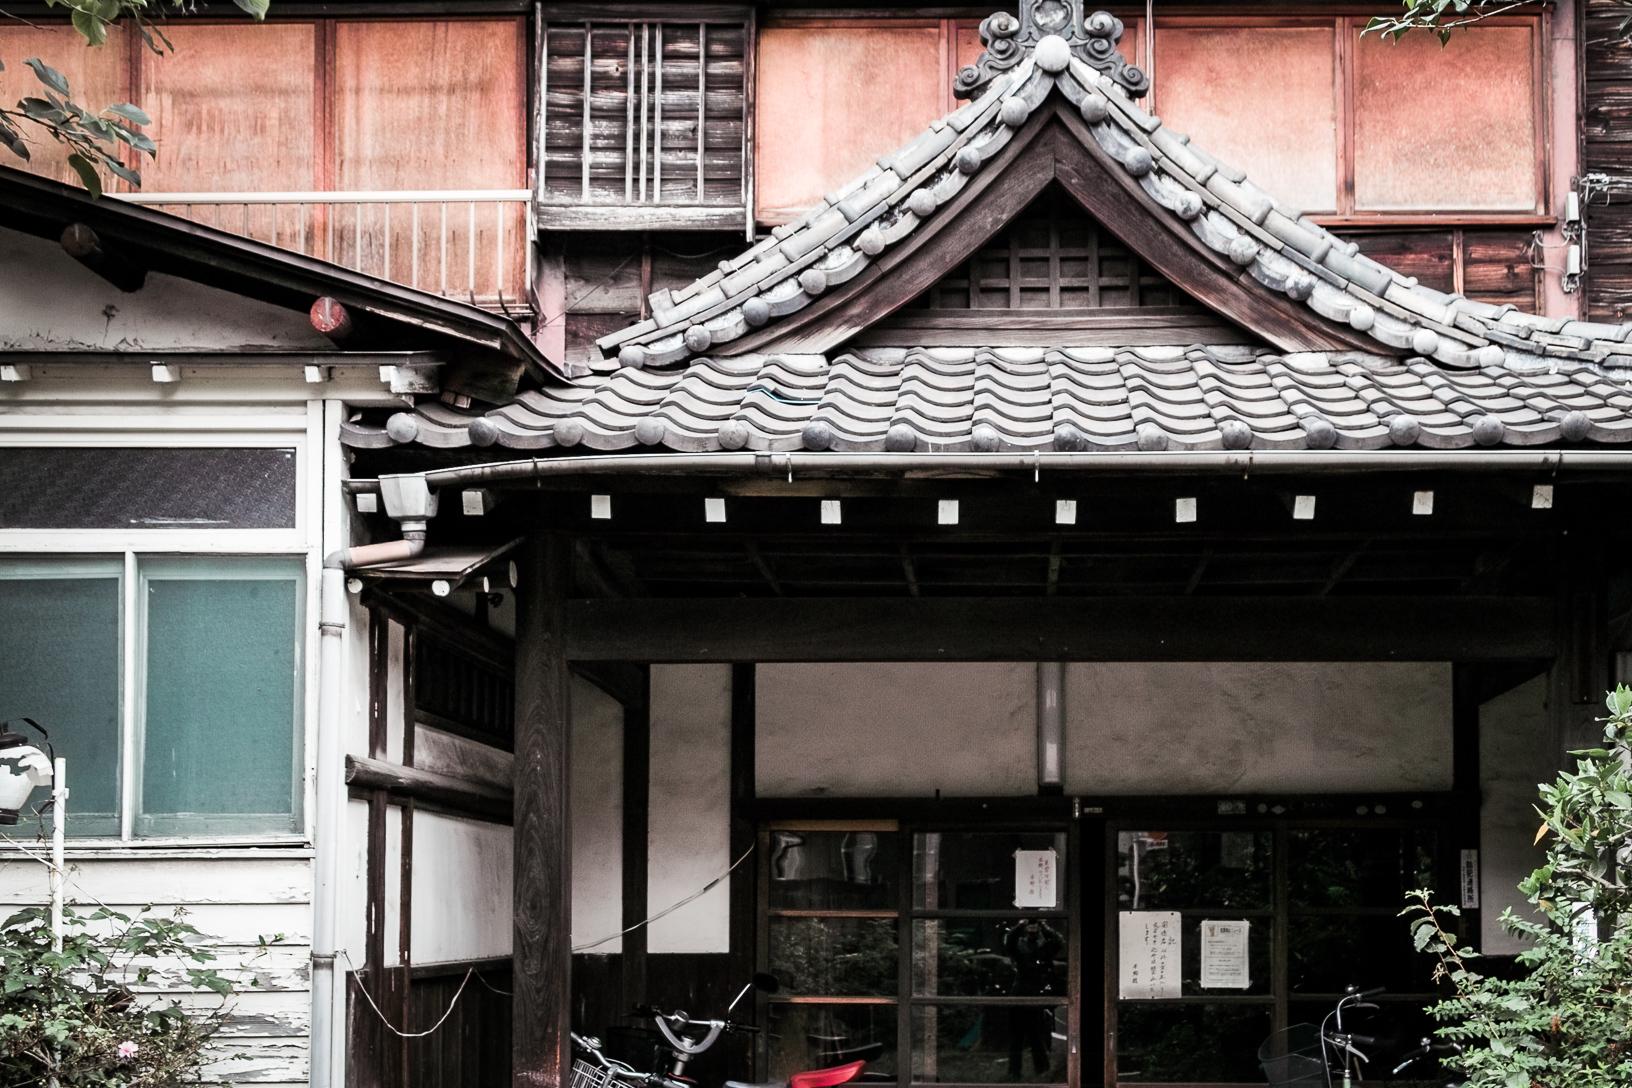 101026本郷 (1 - 1)-6